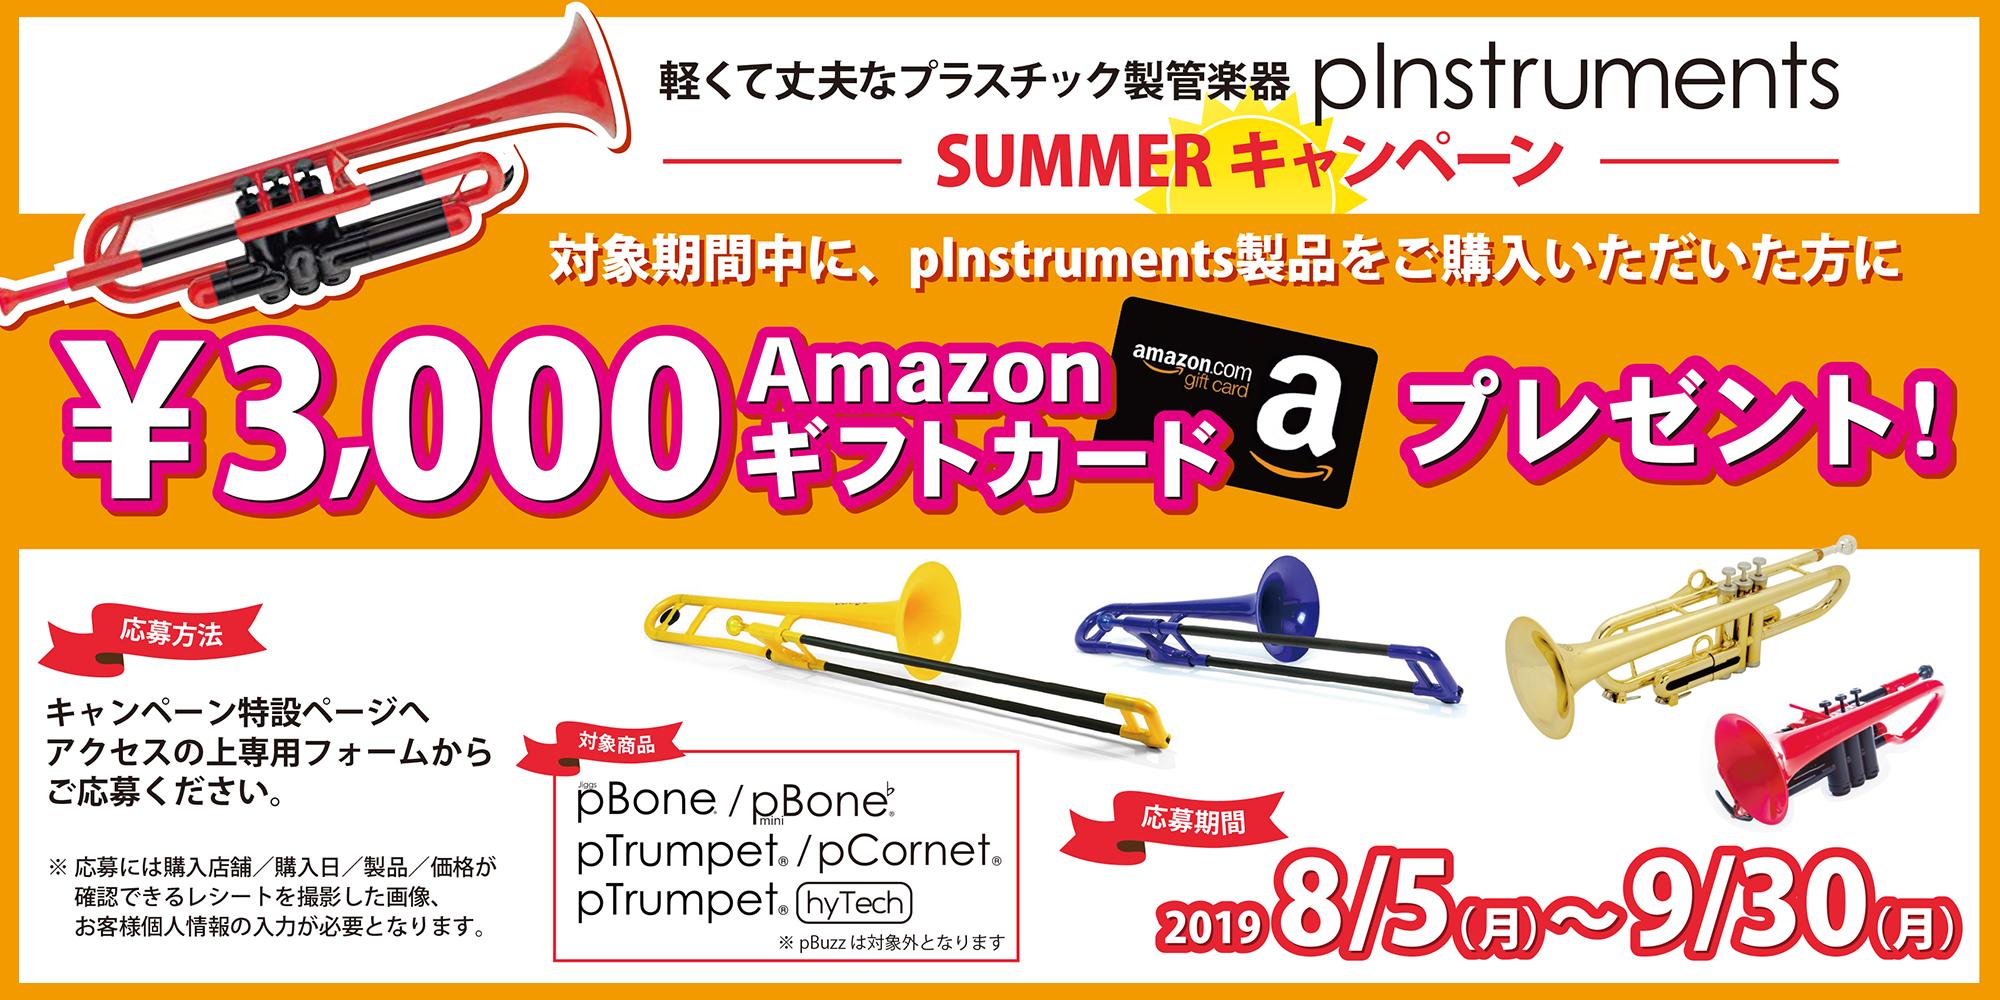 【HP】pInstruments_夏キャンペーン_f